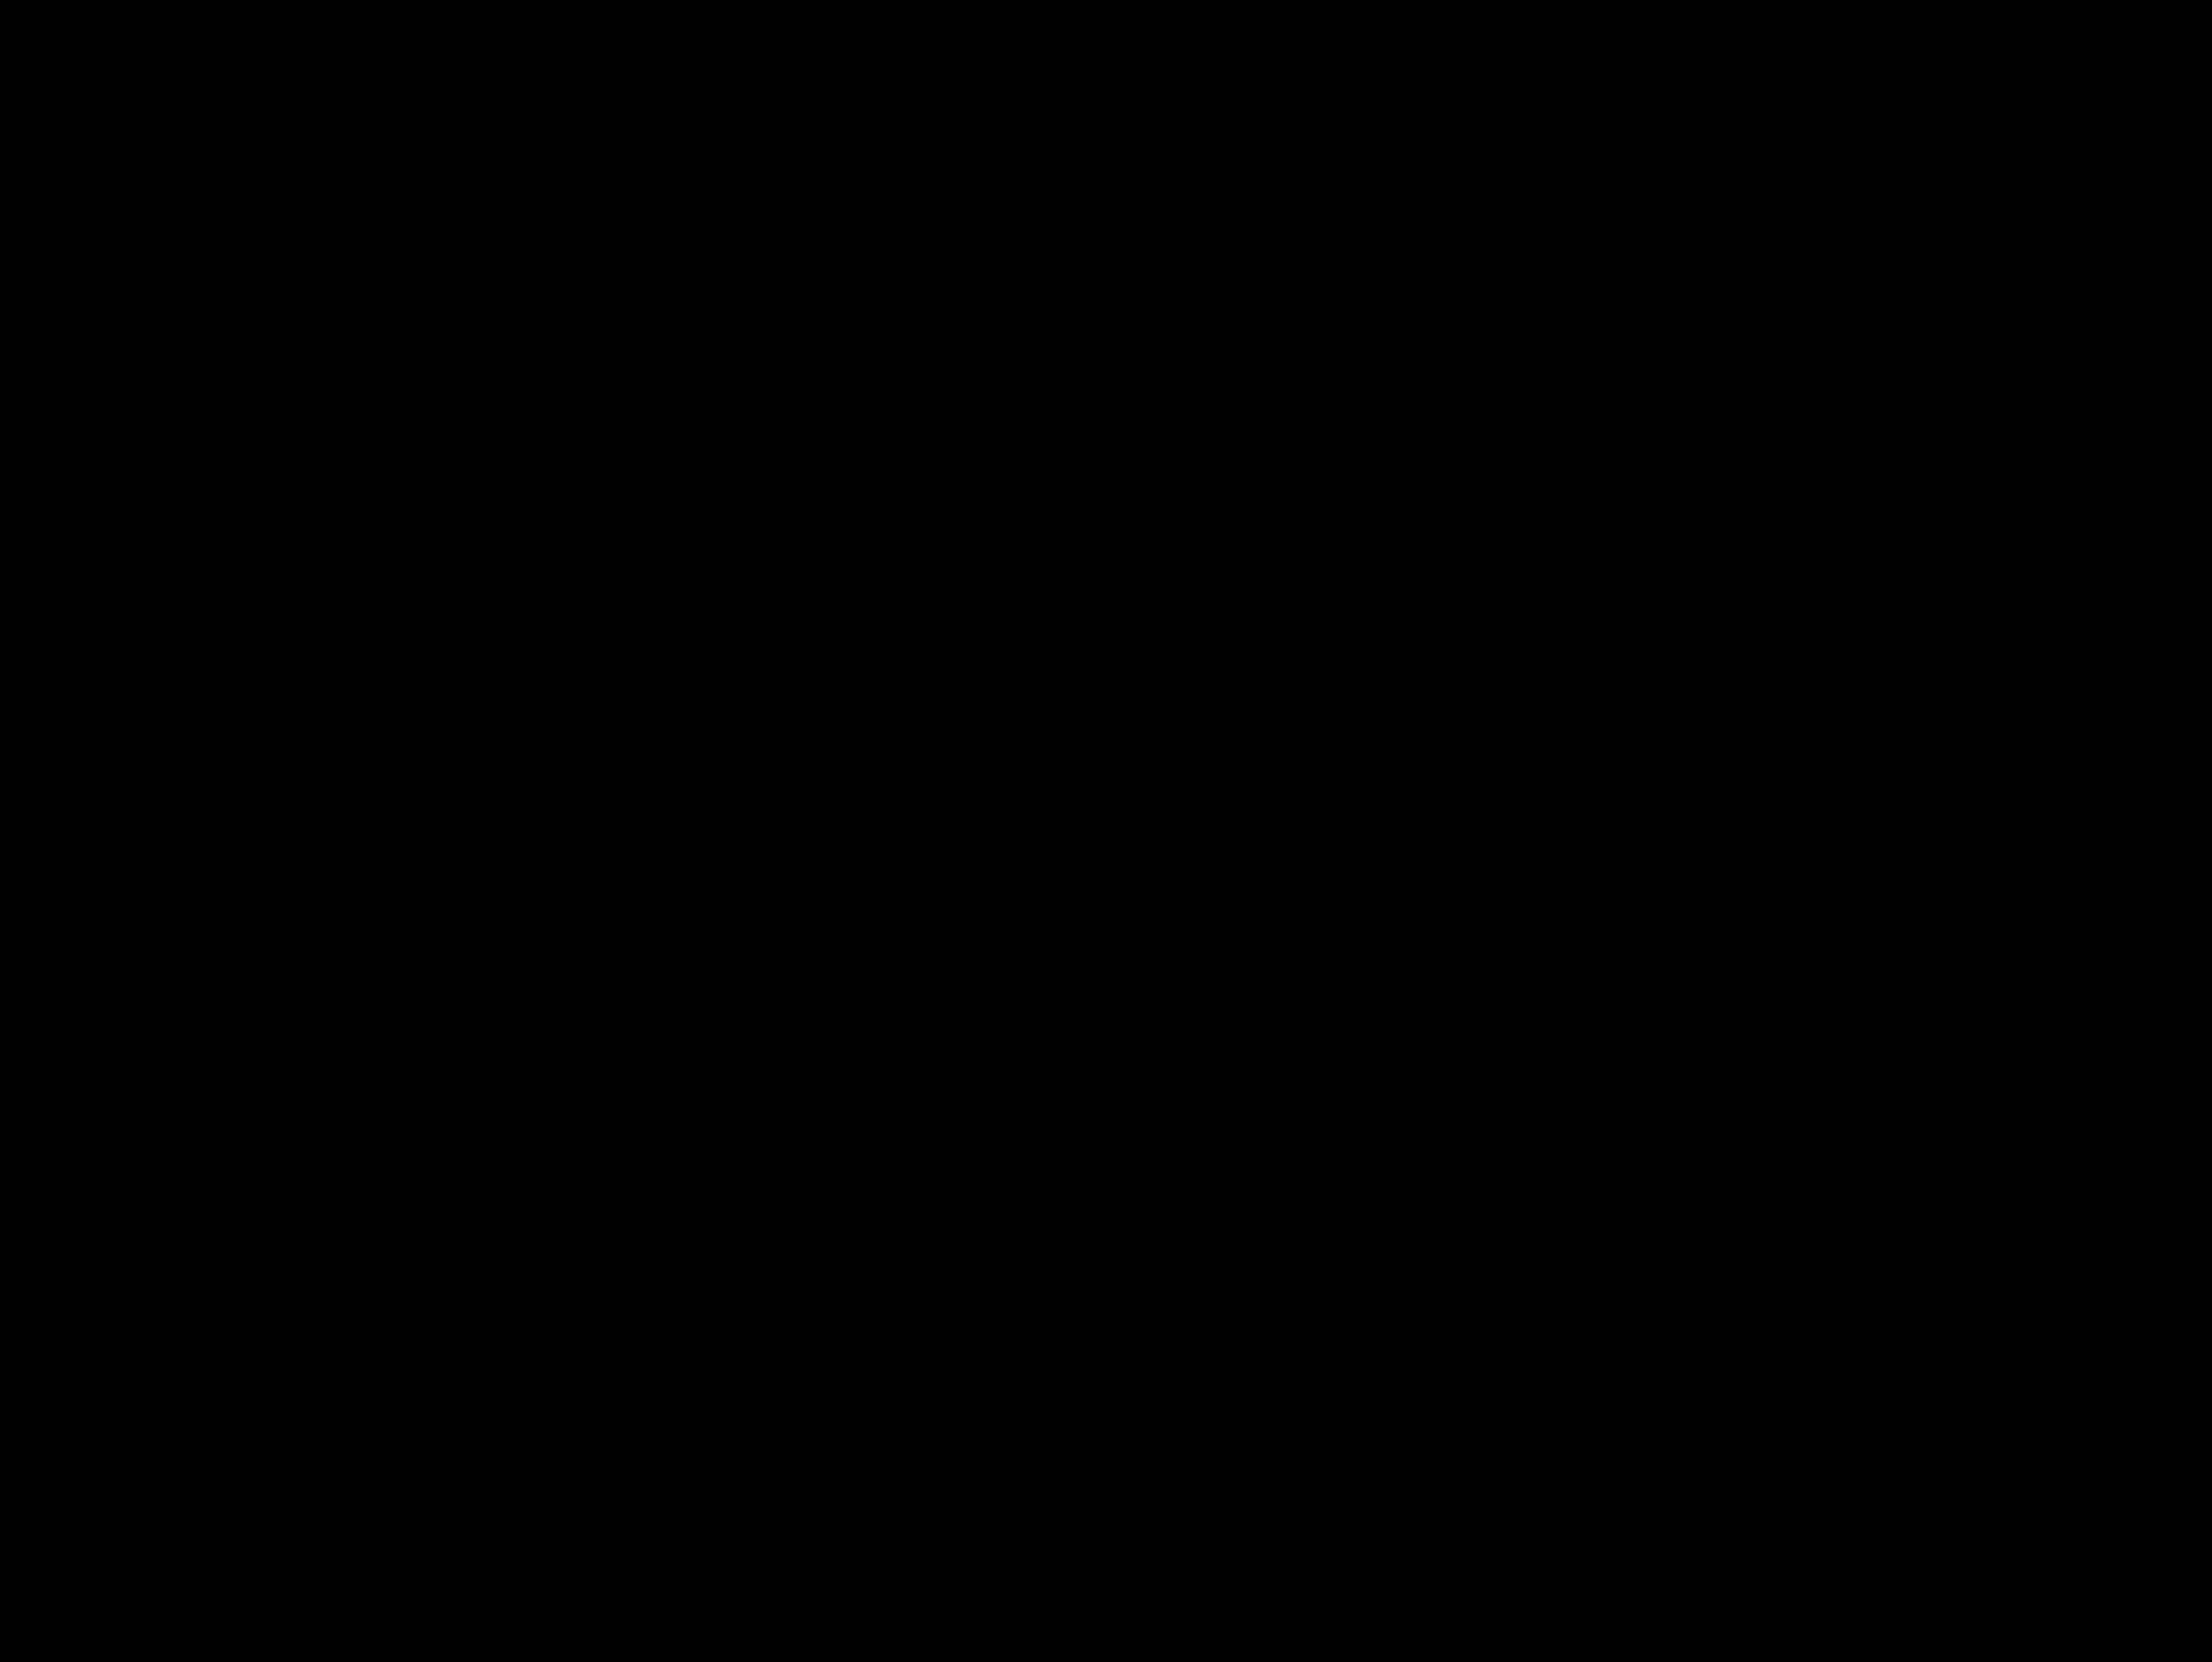 Taya nude in nude fashion